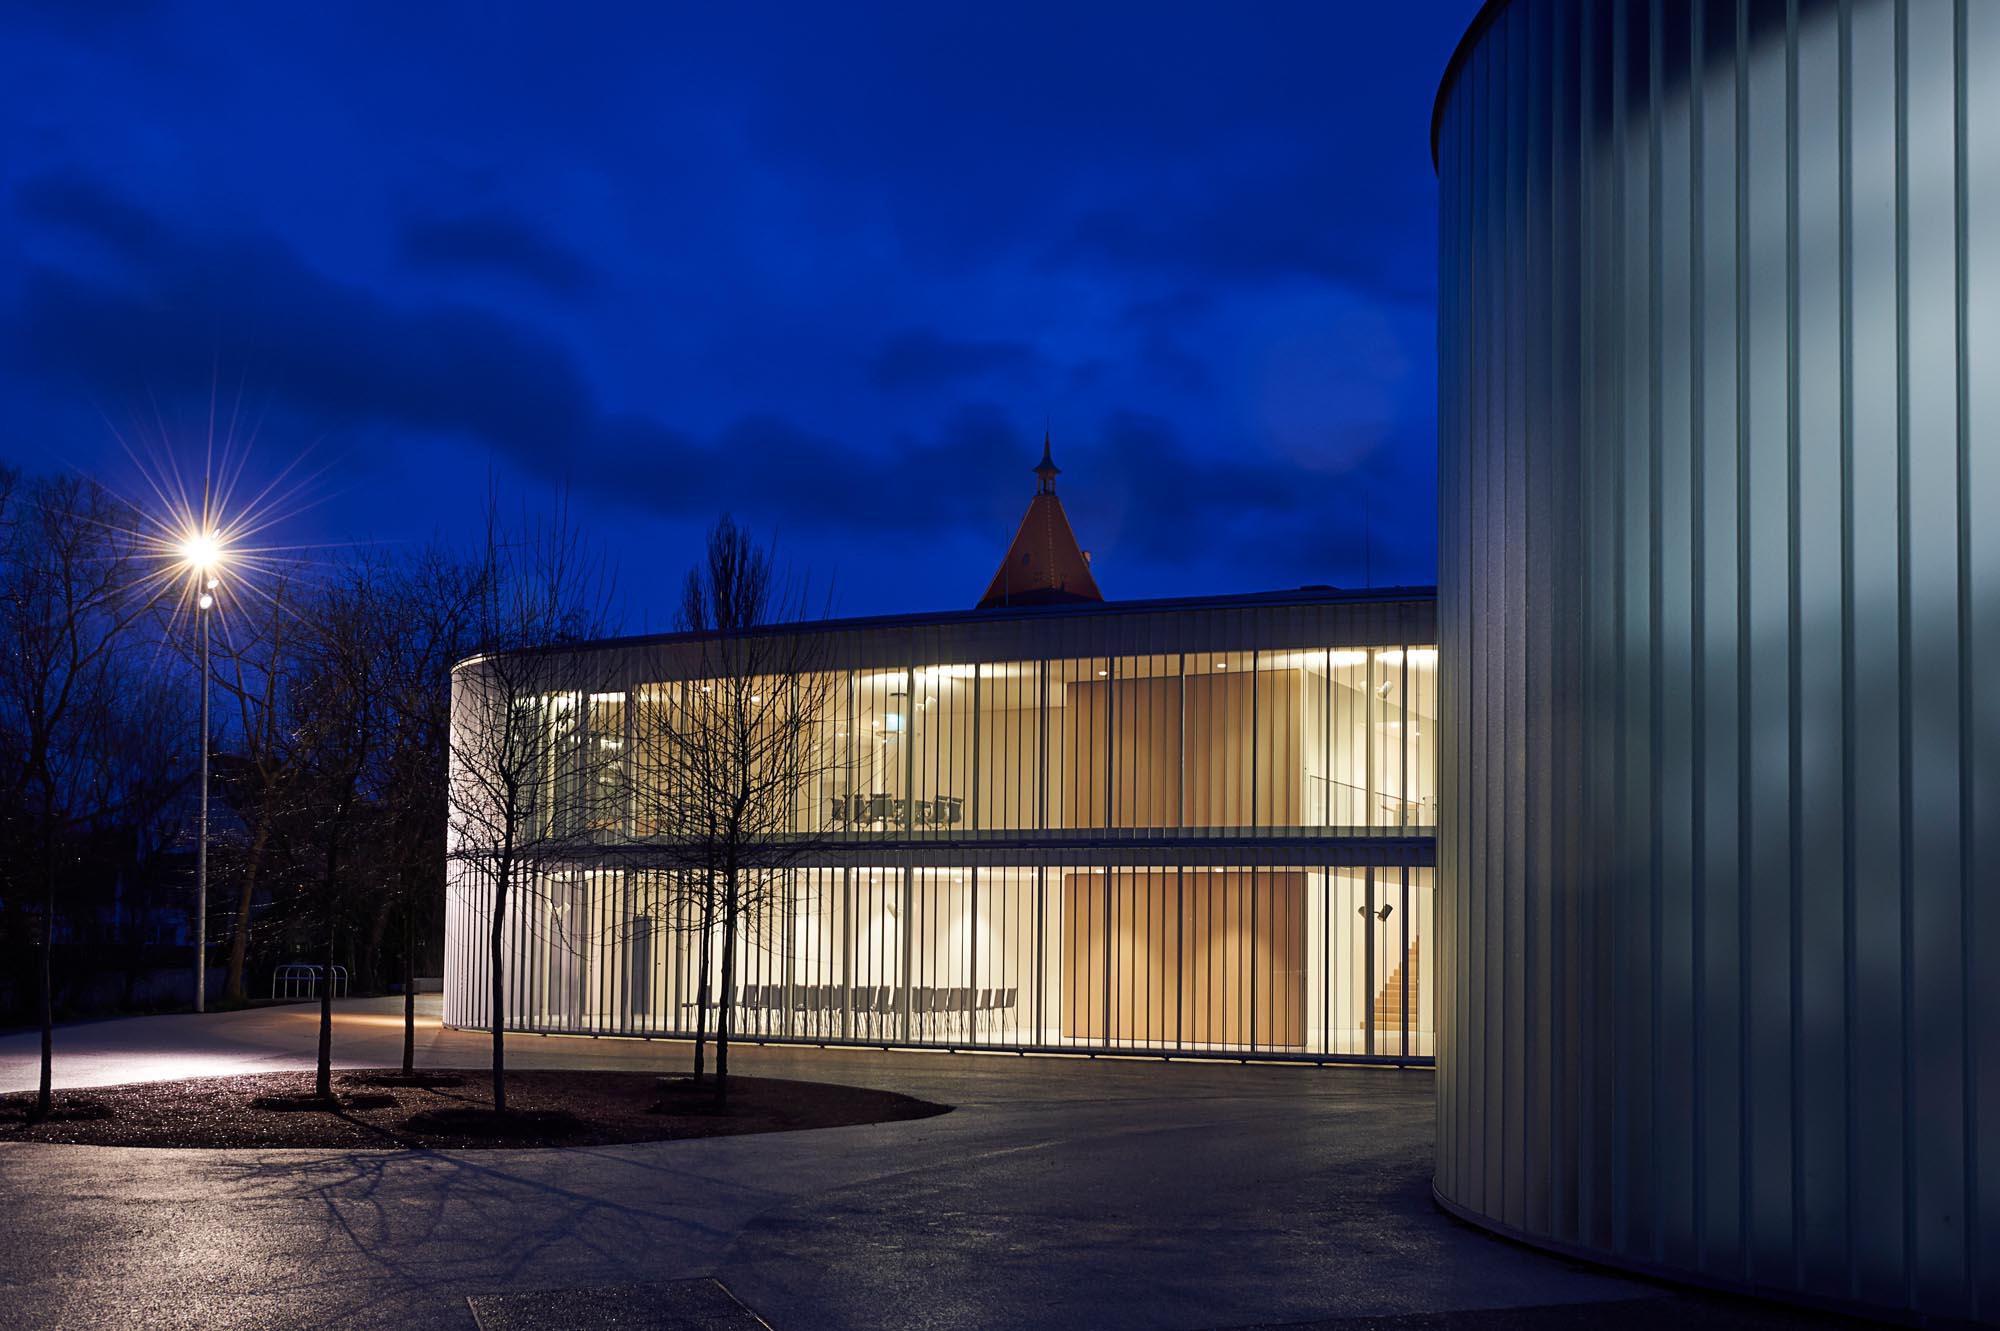 OPC 160113 0094 ret - Galerie Stihl Waiblingen: Außenansichten aus sechs Perspektiven und vier Jahreszeiten